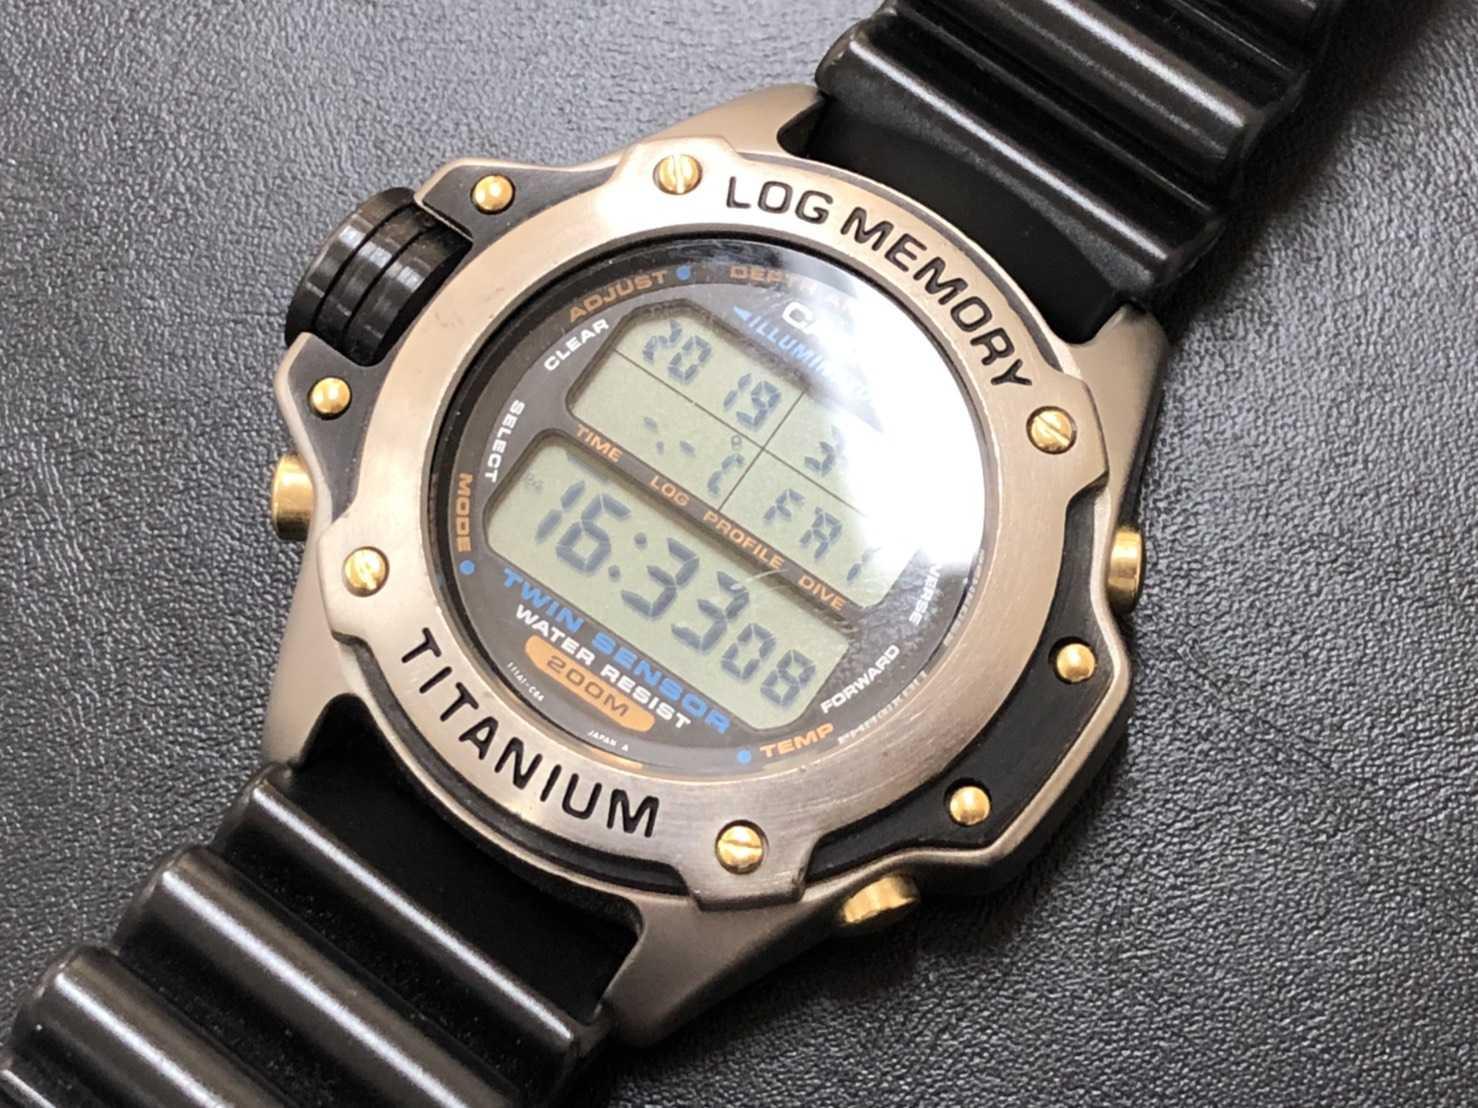 カシオ時計買取 ログメモリー